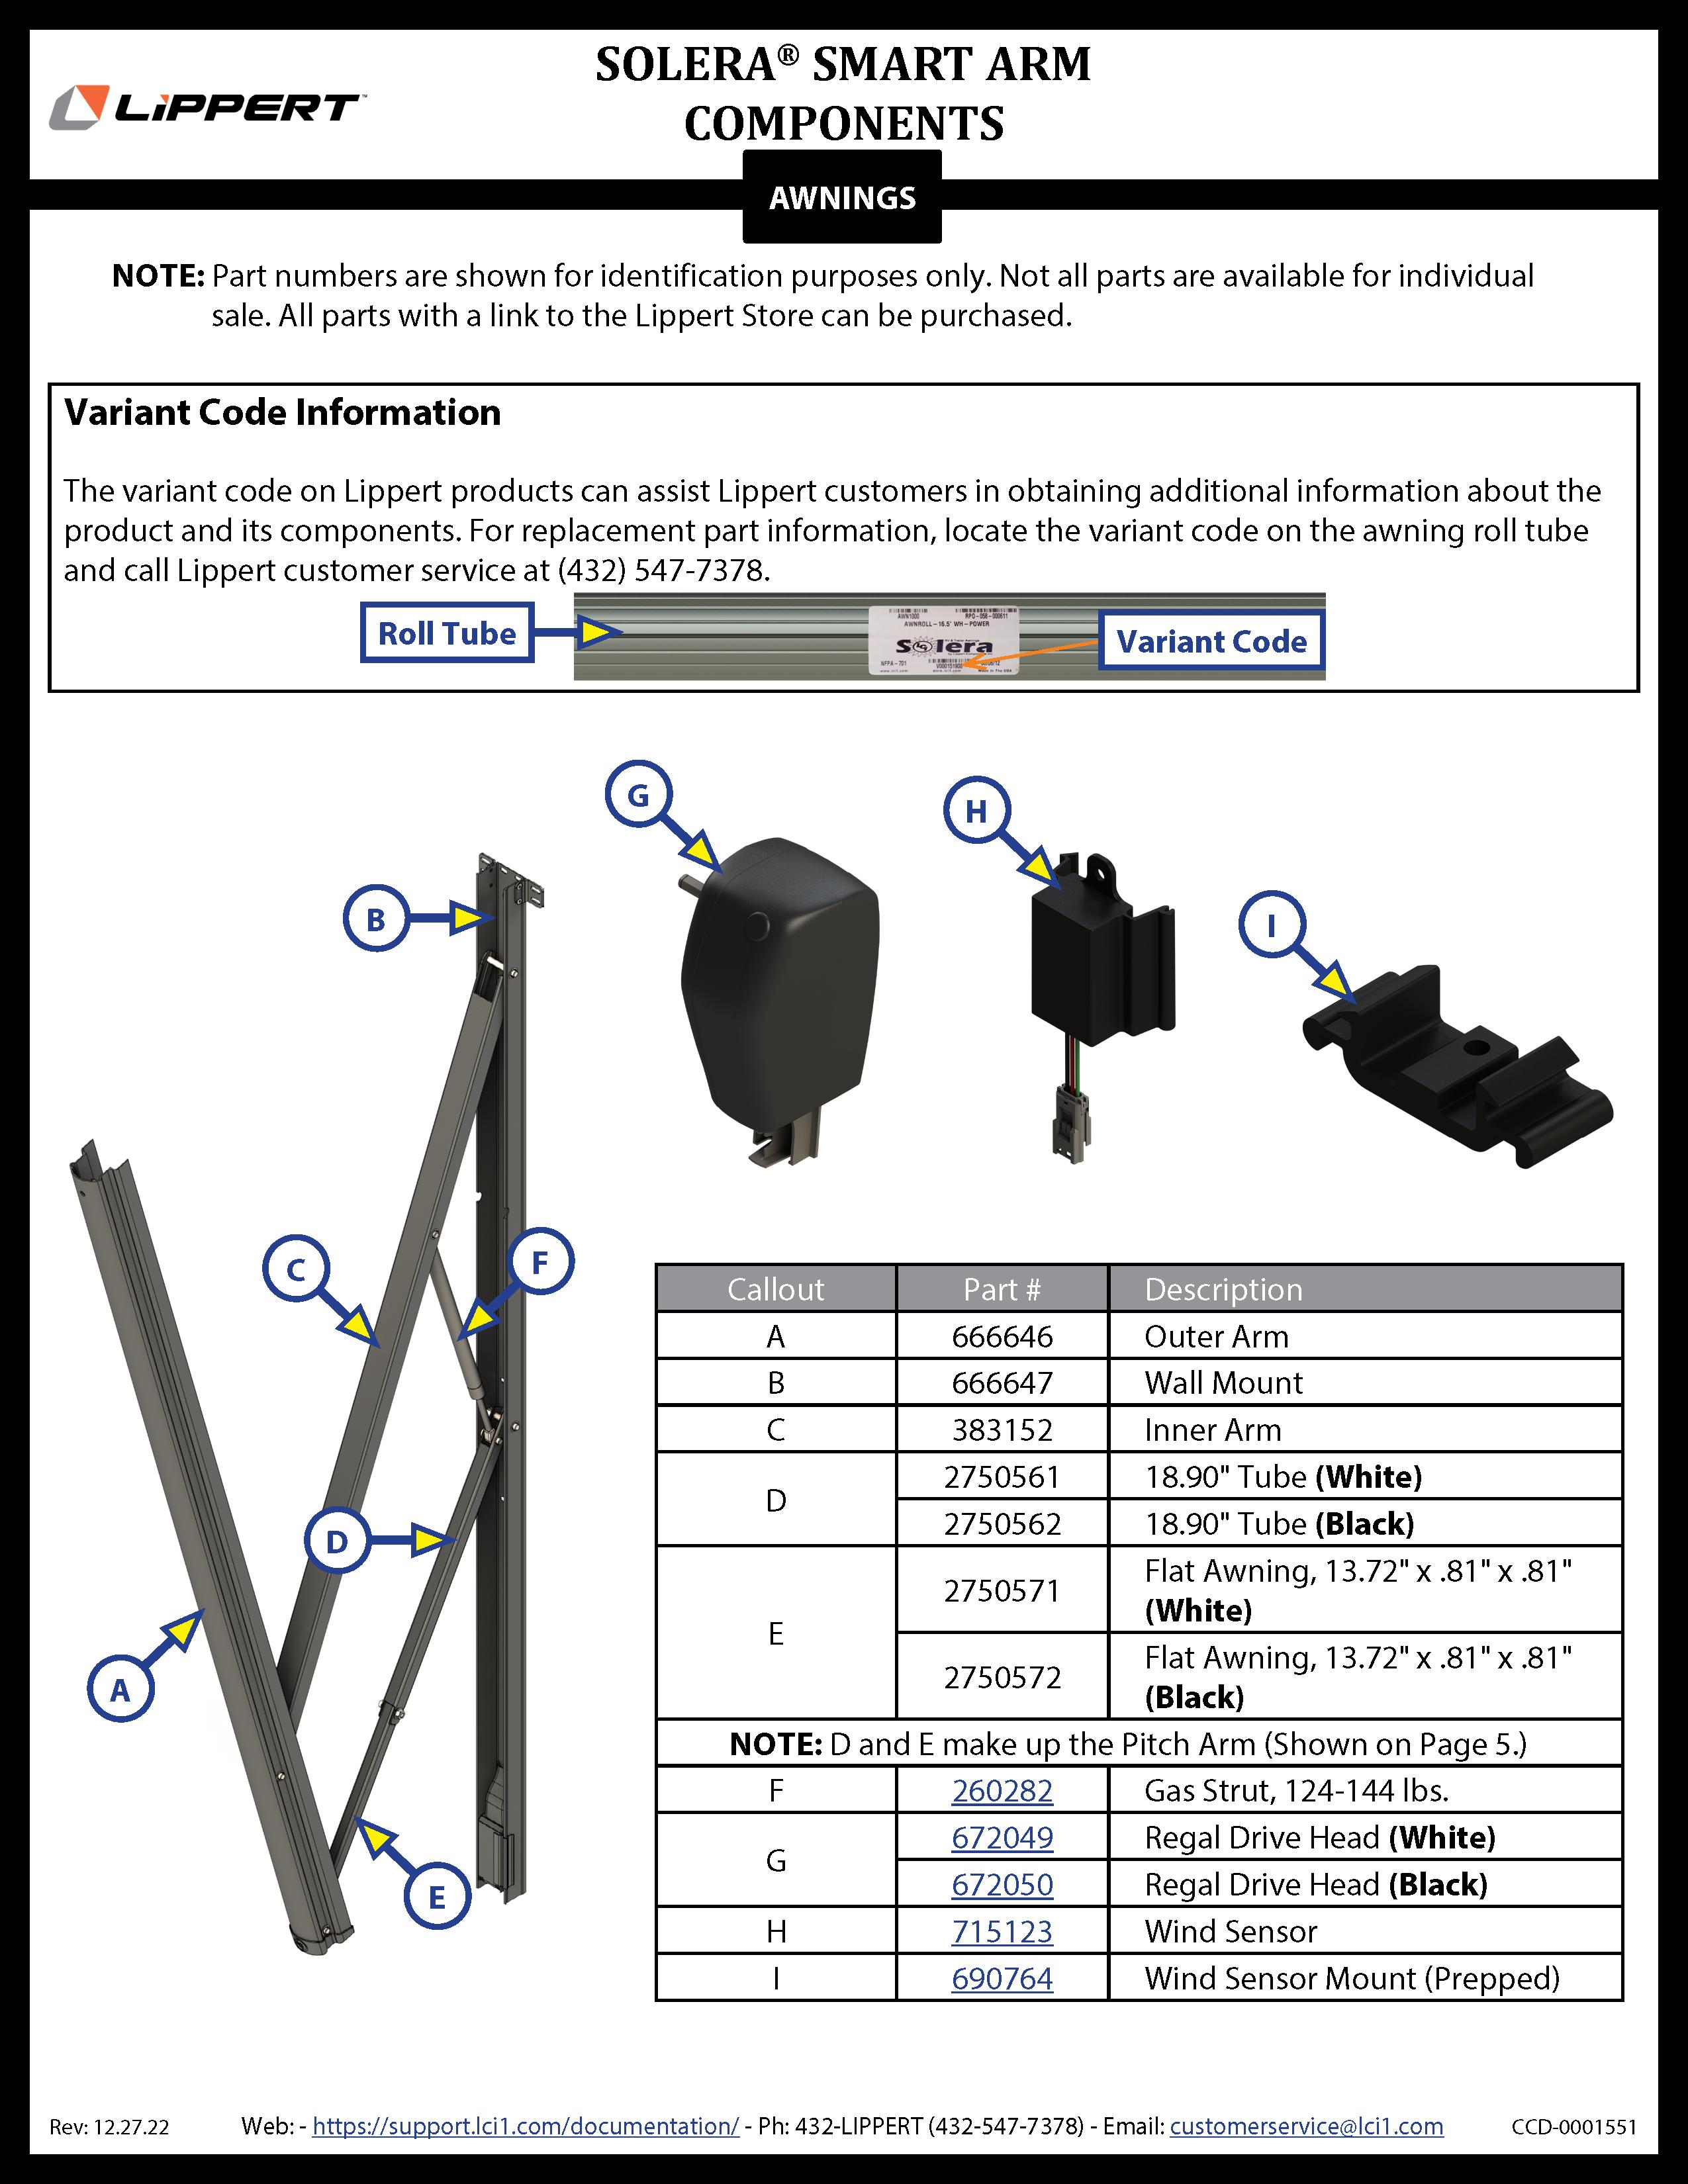 Solera® Smart Arm™ Components